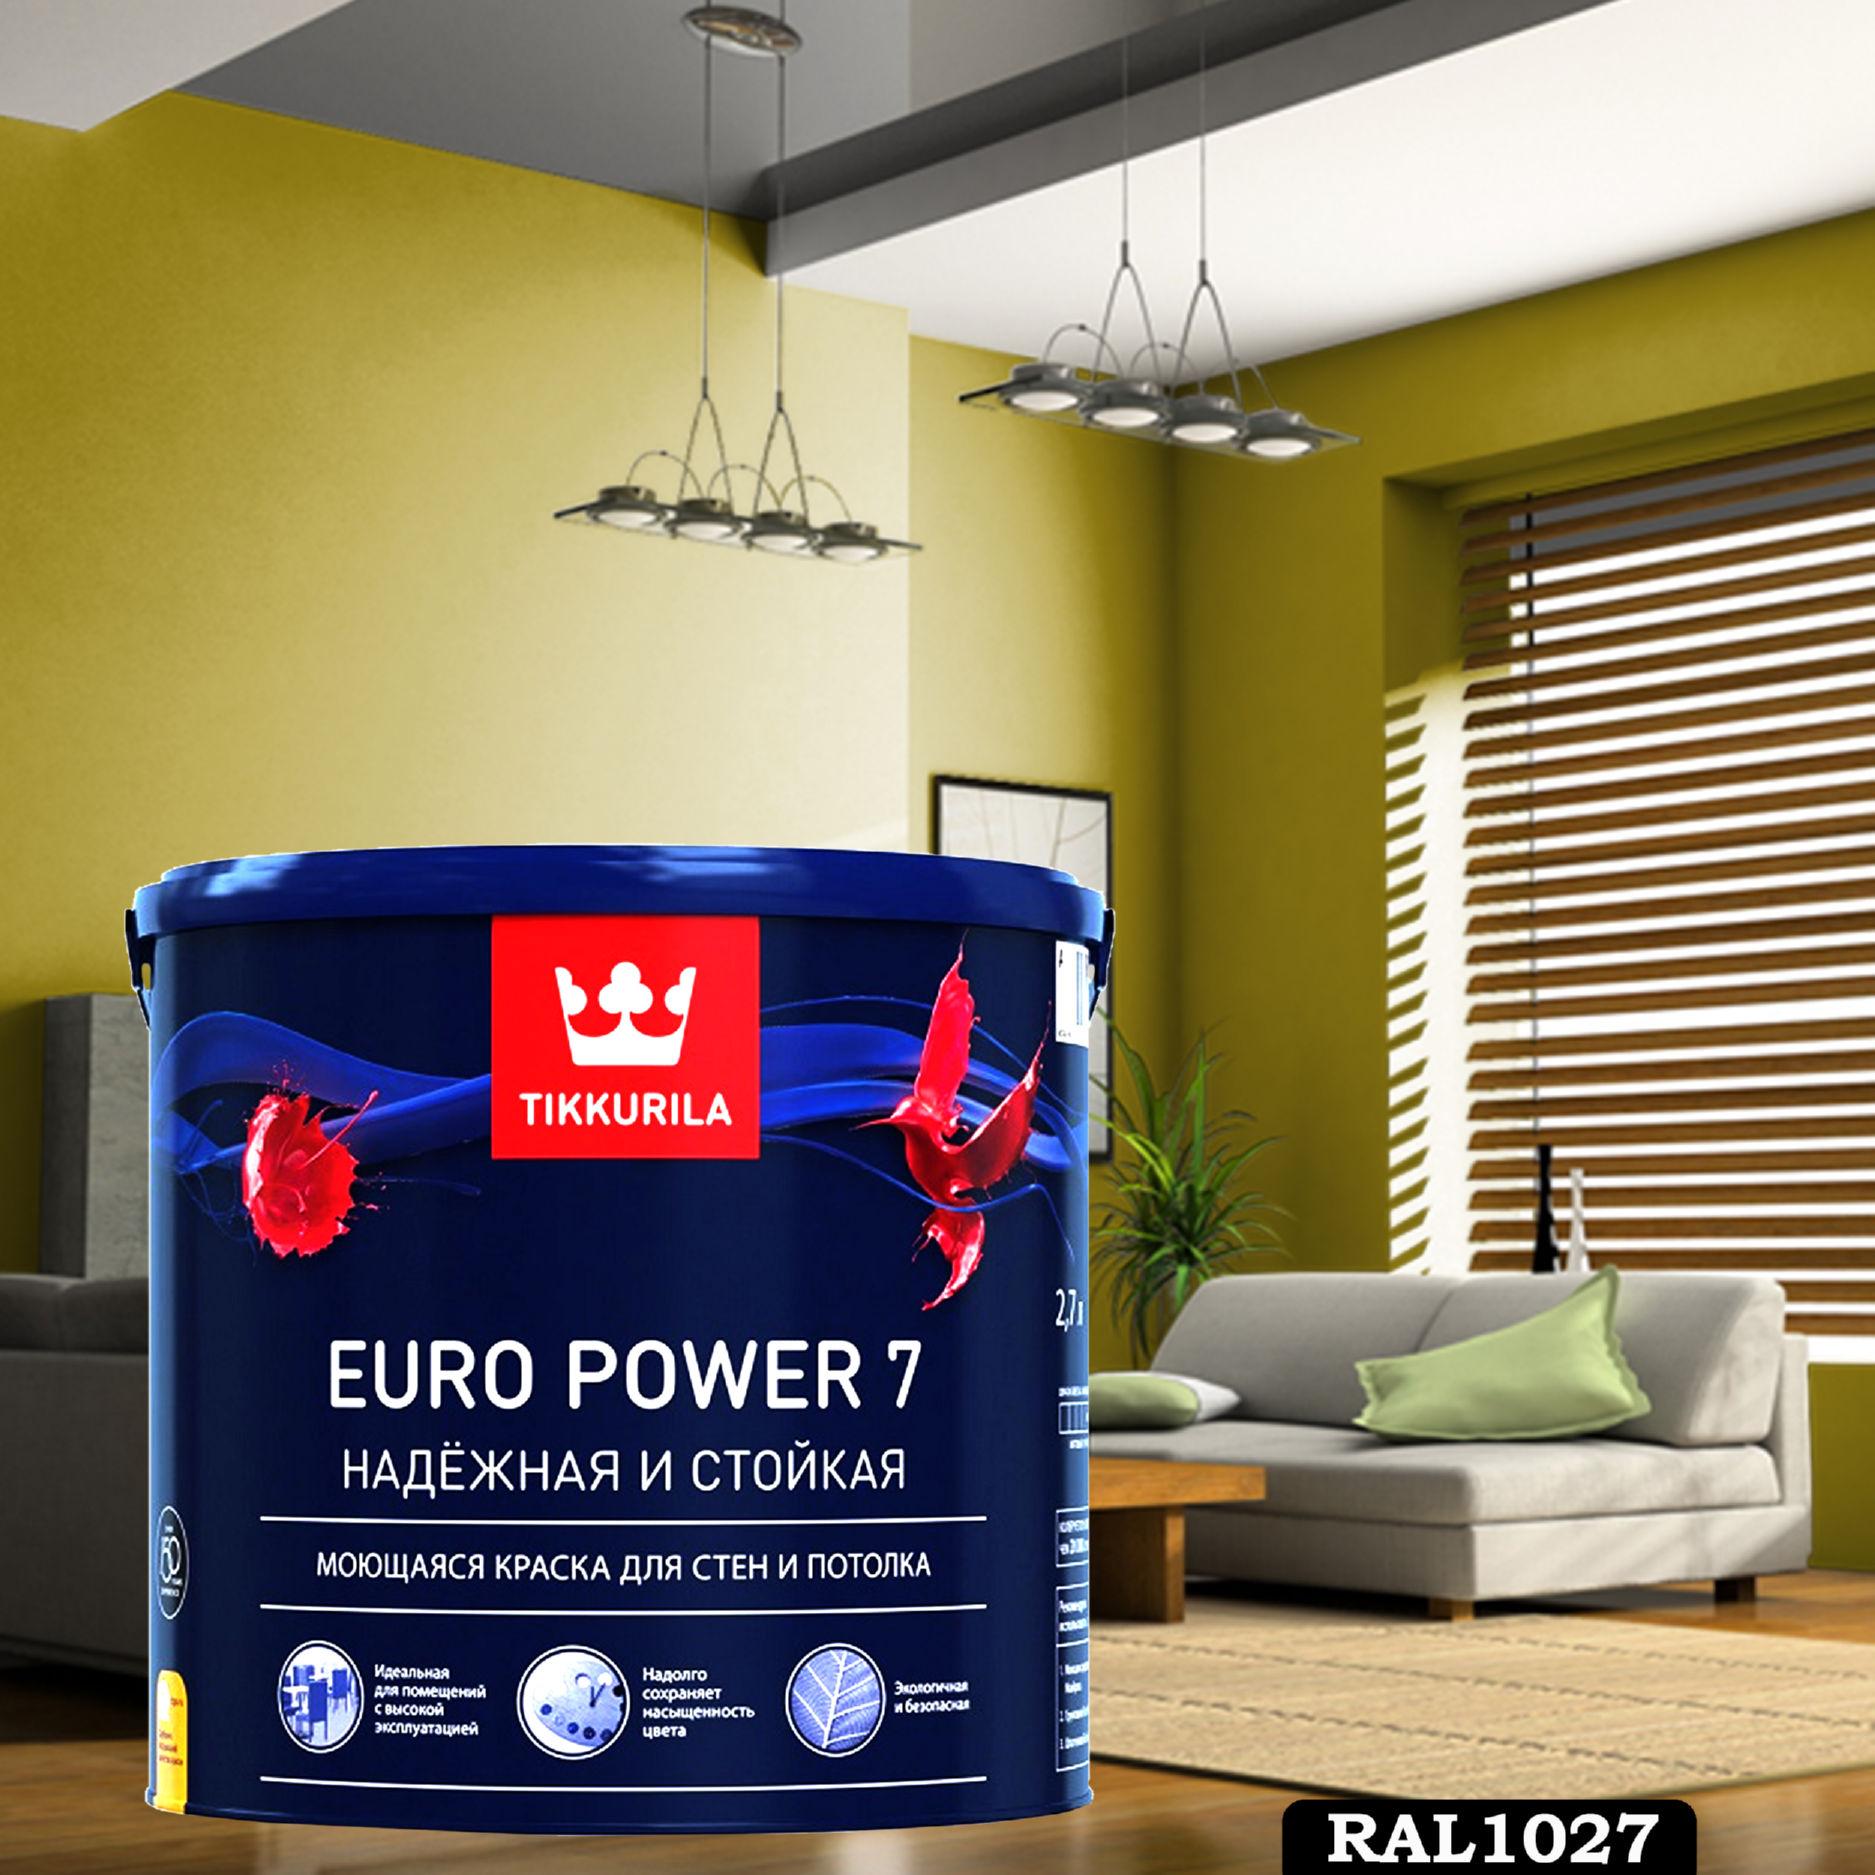 Фото 22 - Краска TIKKURILA Euro Power 7,  RAL 1027 Карри-жёлтый, латексная моющаяся матовая интерьерная, 9 л.